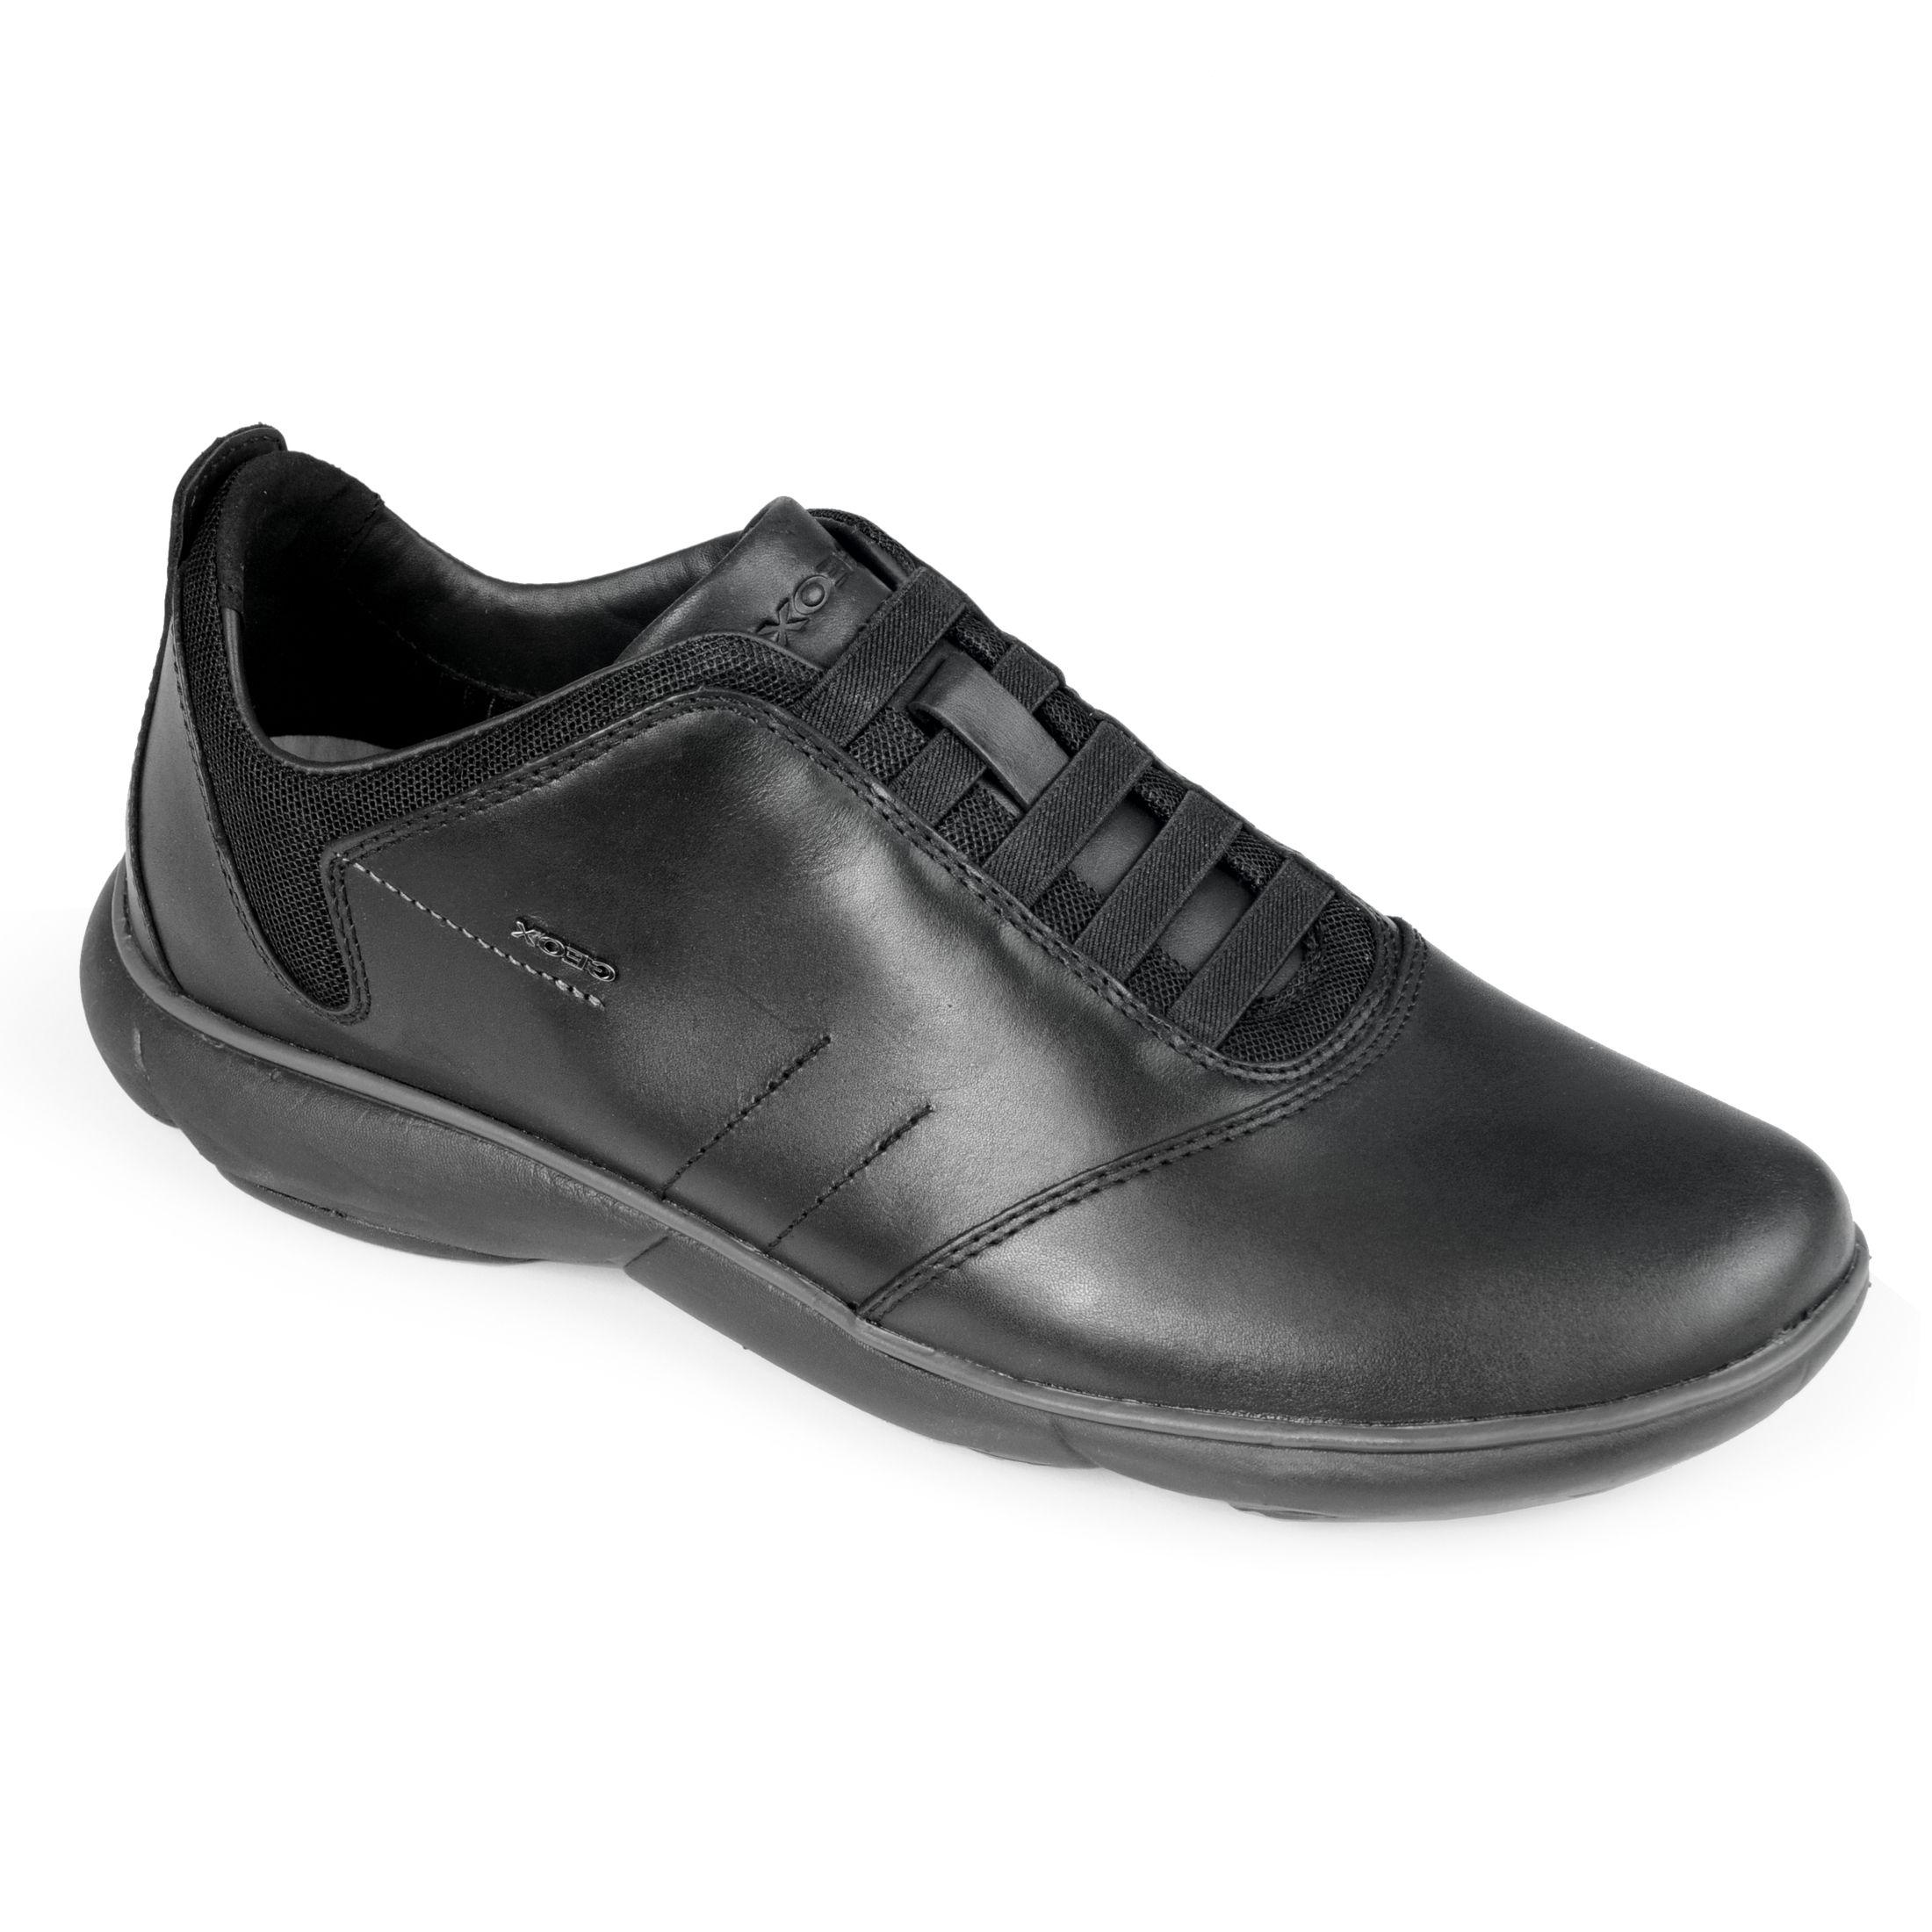 Leder-Sneaker NEBULA NEBULA Leder-Sneaker schwarz Gr. 40 - (U52D7B 00046 C9999 GR. 40) 317661